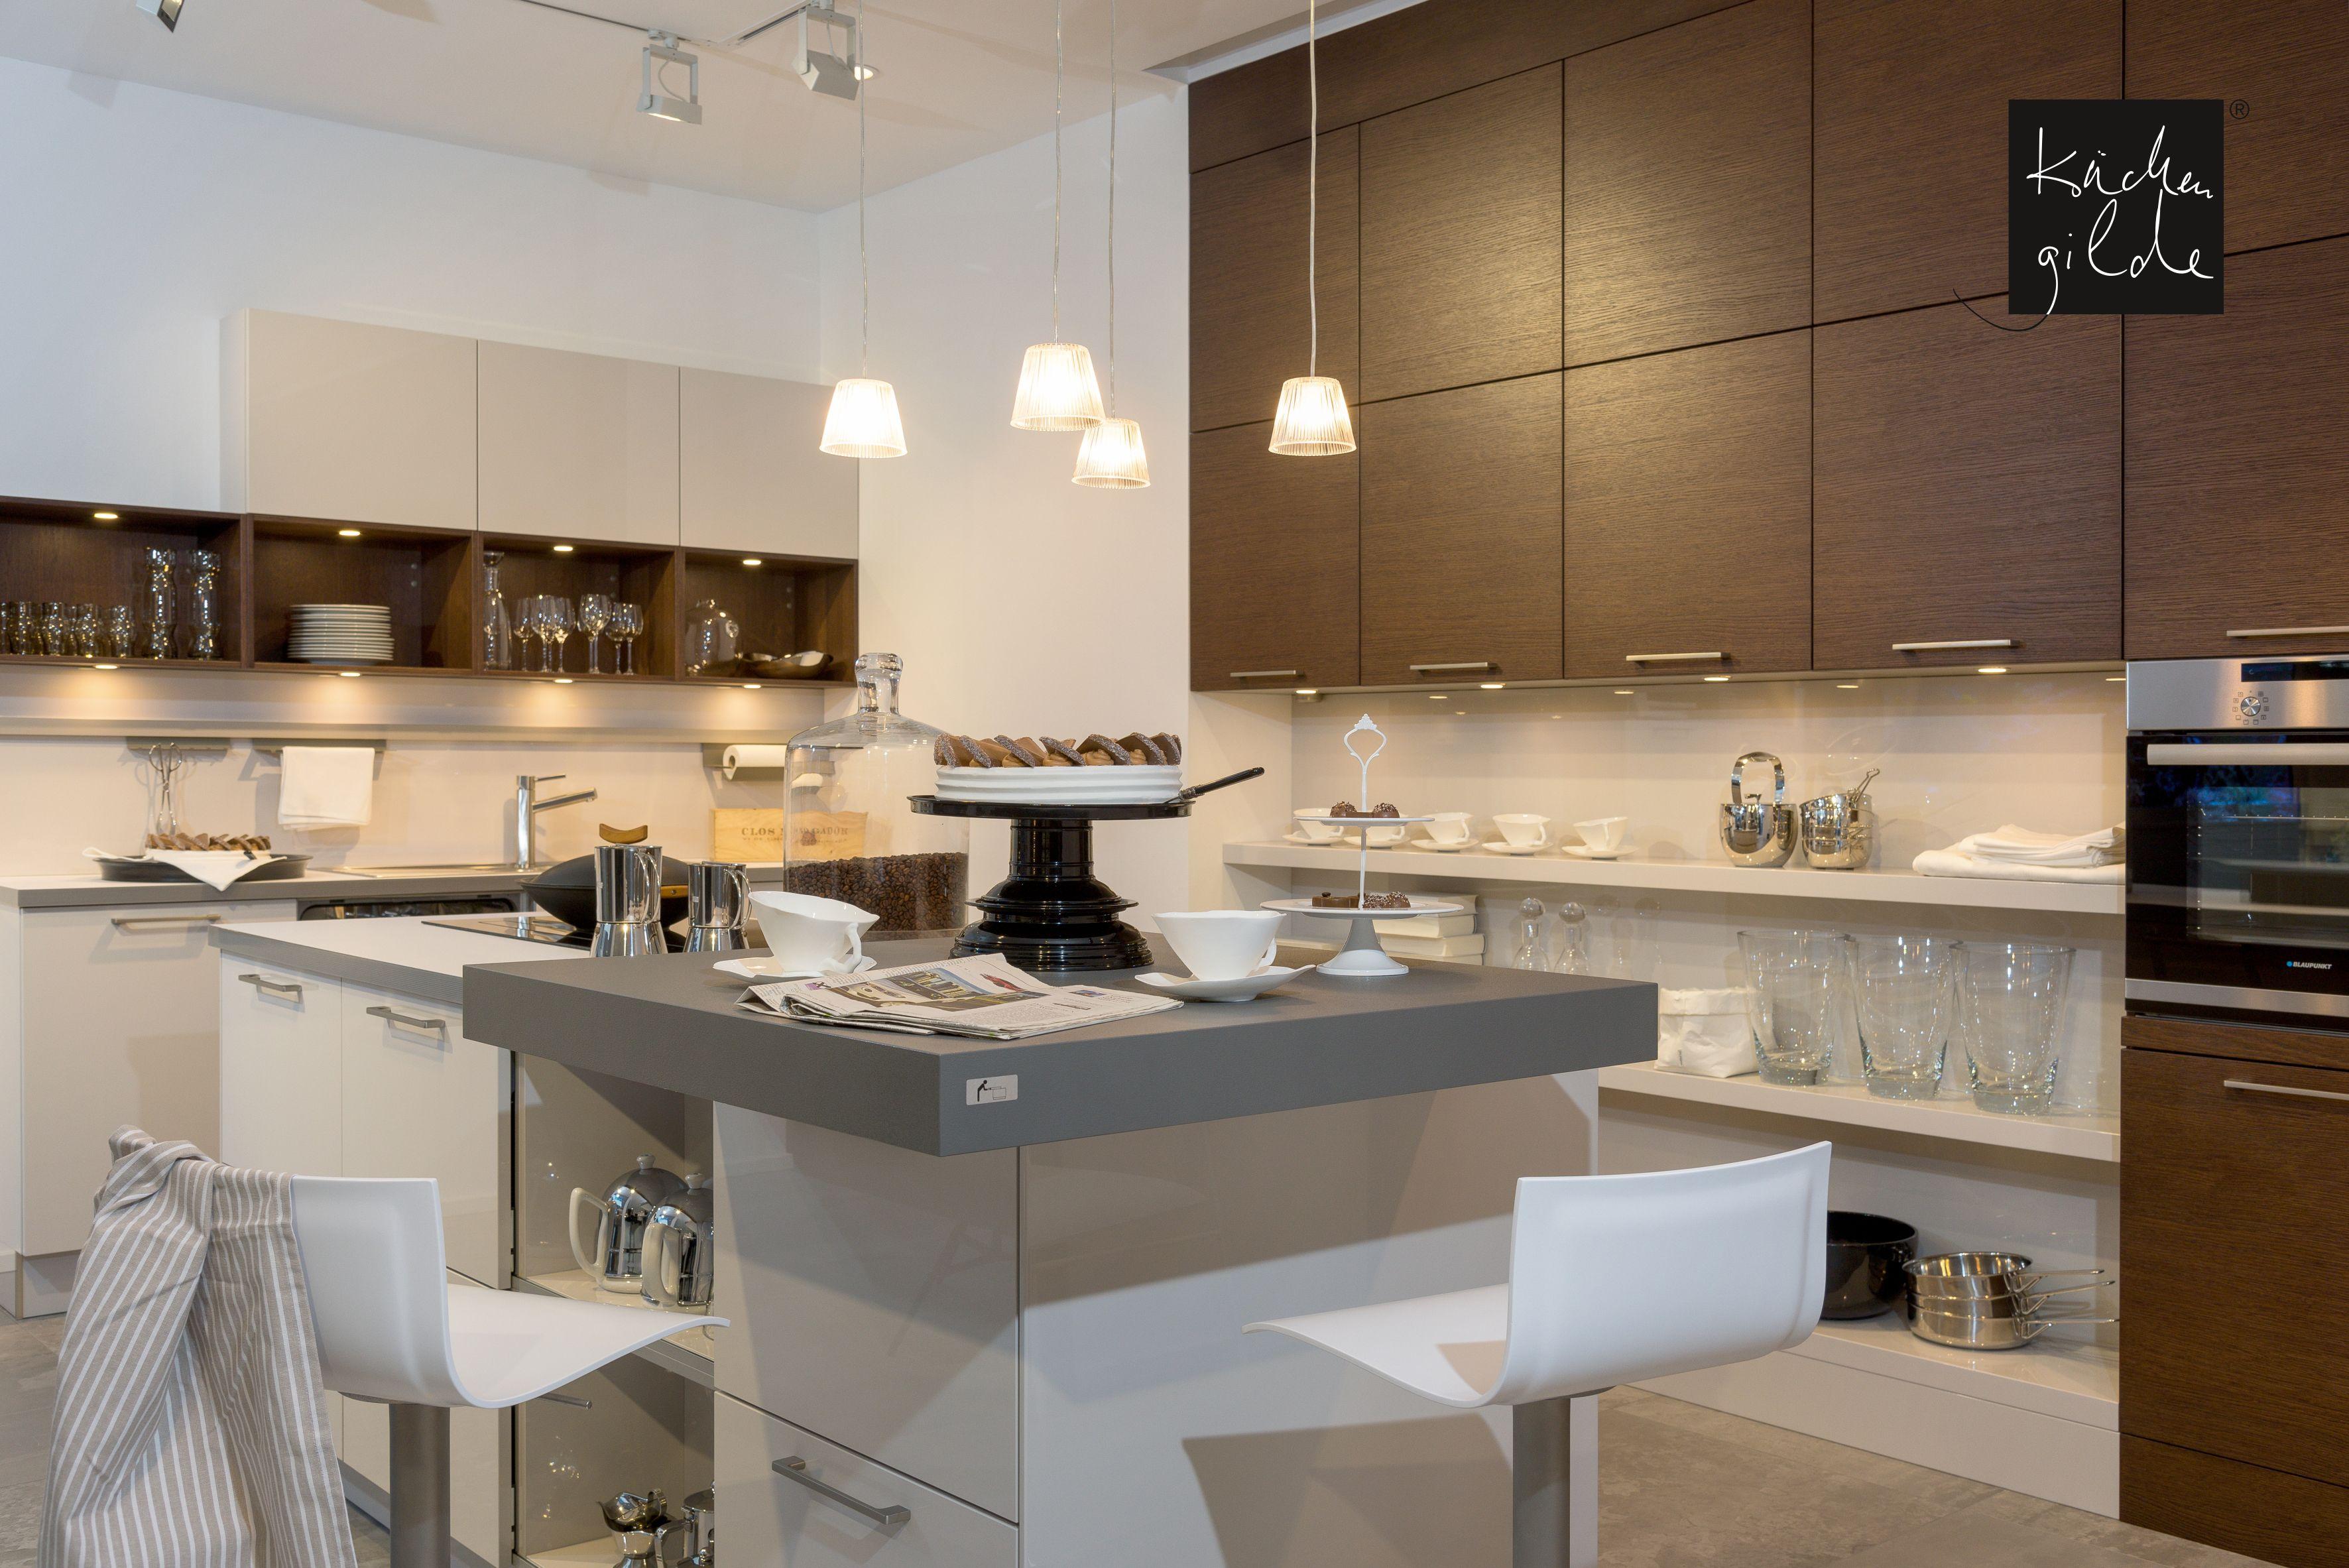 einbauküche mit edlem furnier und kochinsel | moderne küchen, Wohnzimmer dekoo